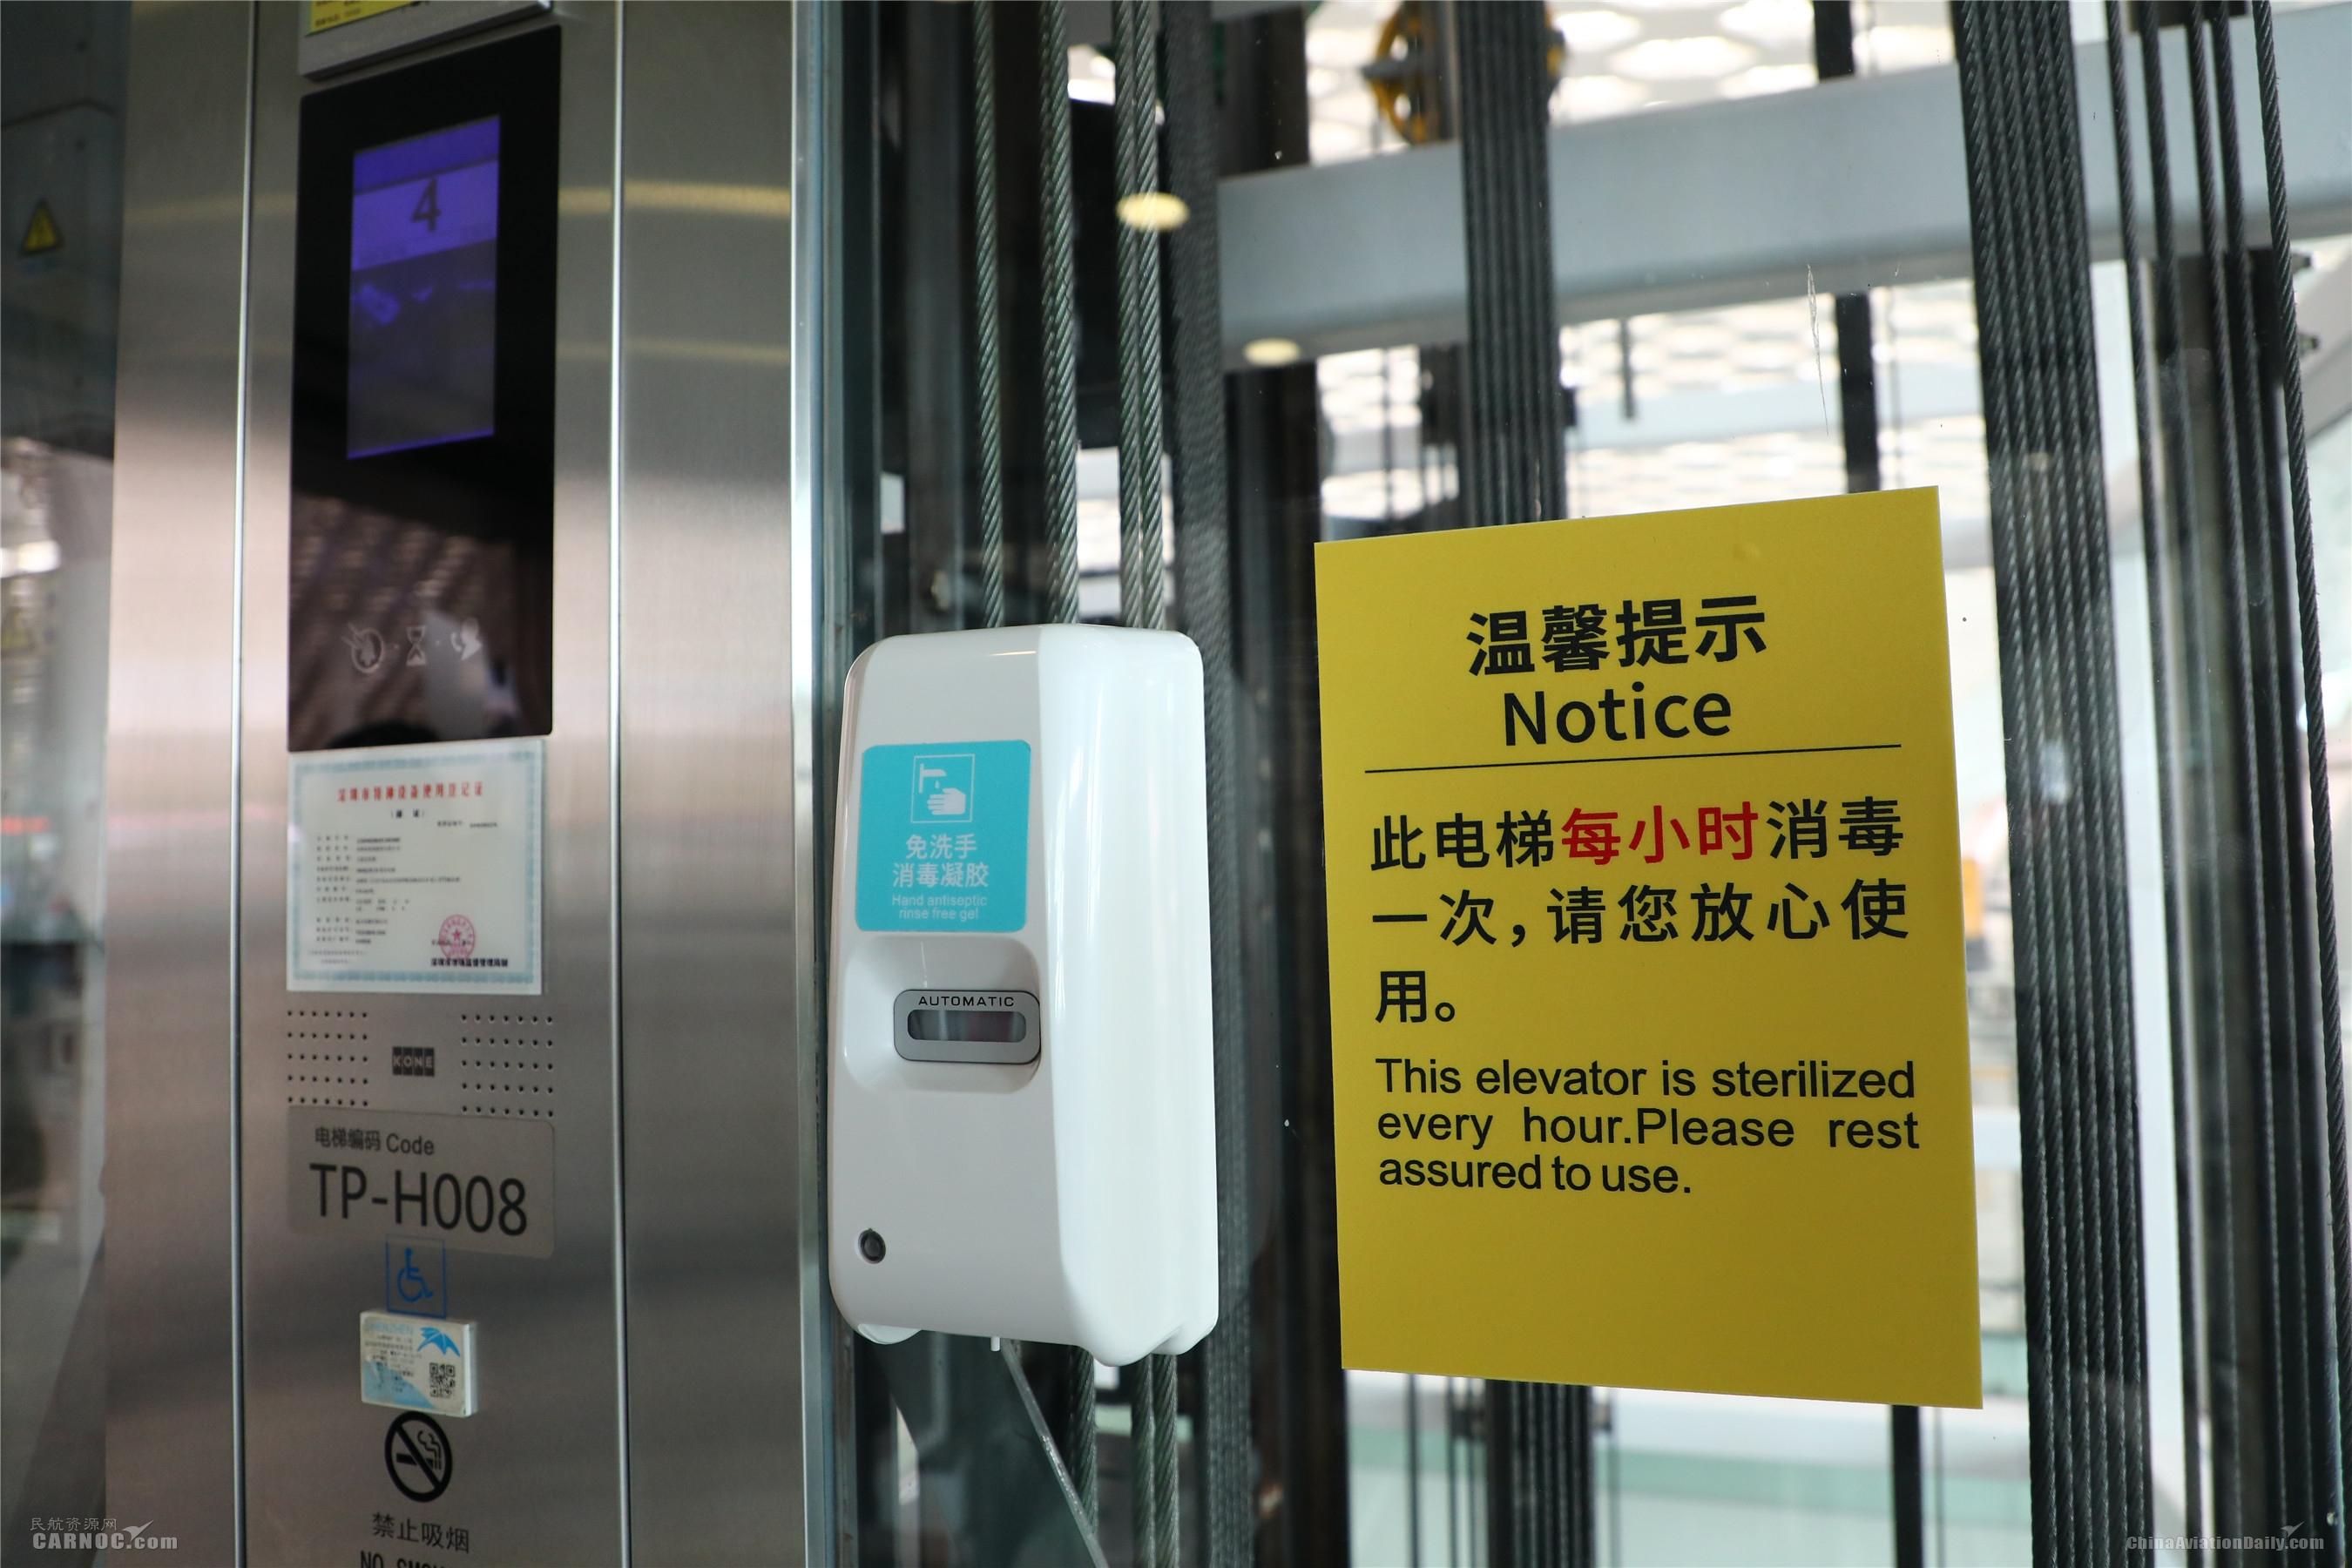 垂直电梯内配备有消毒凝胶设备,感应式无需触碰